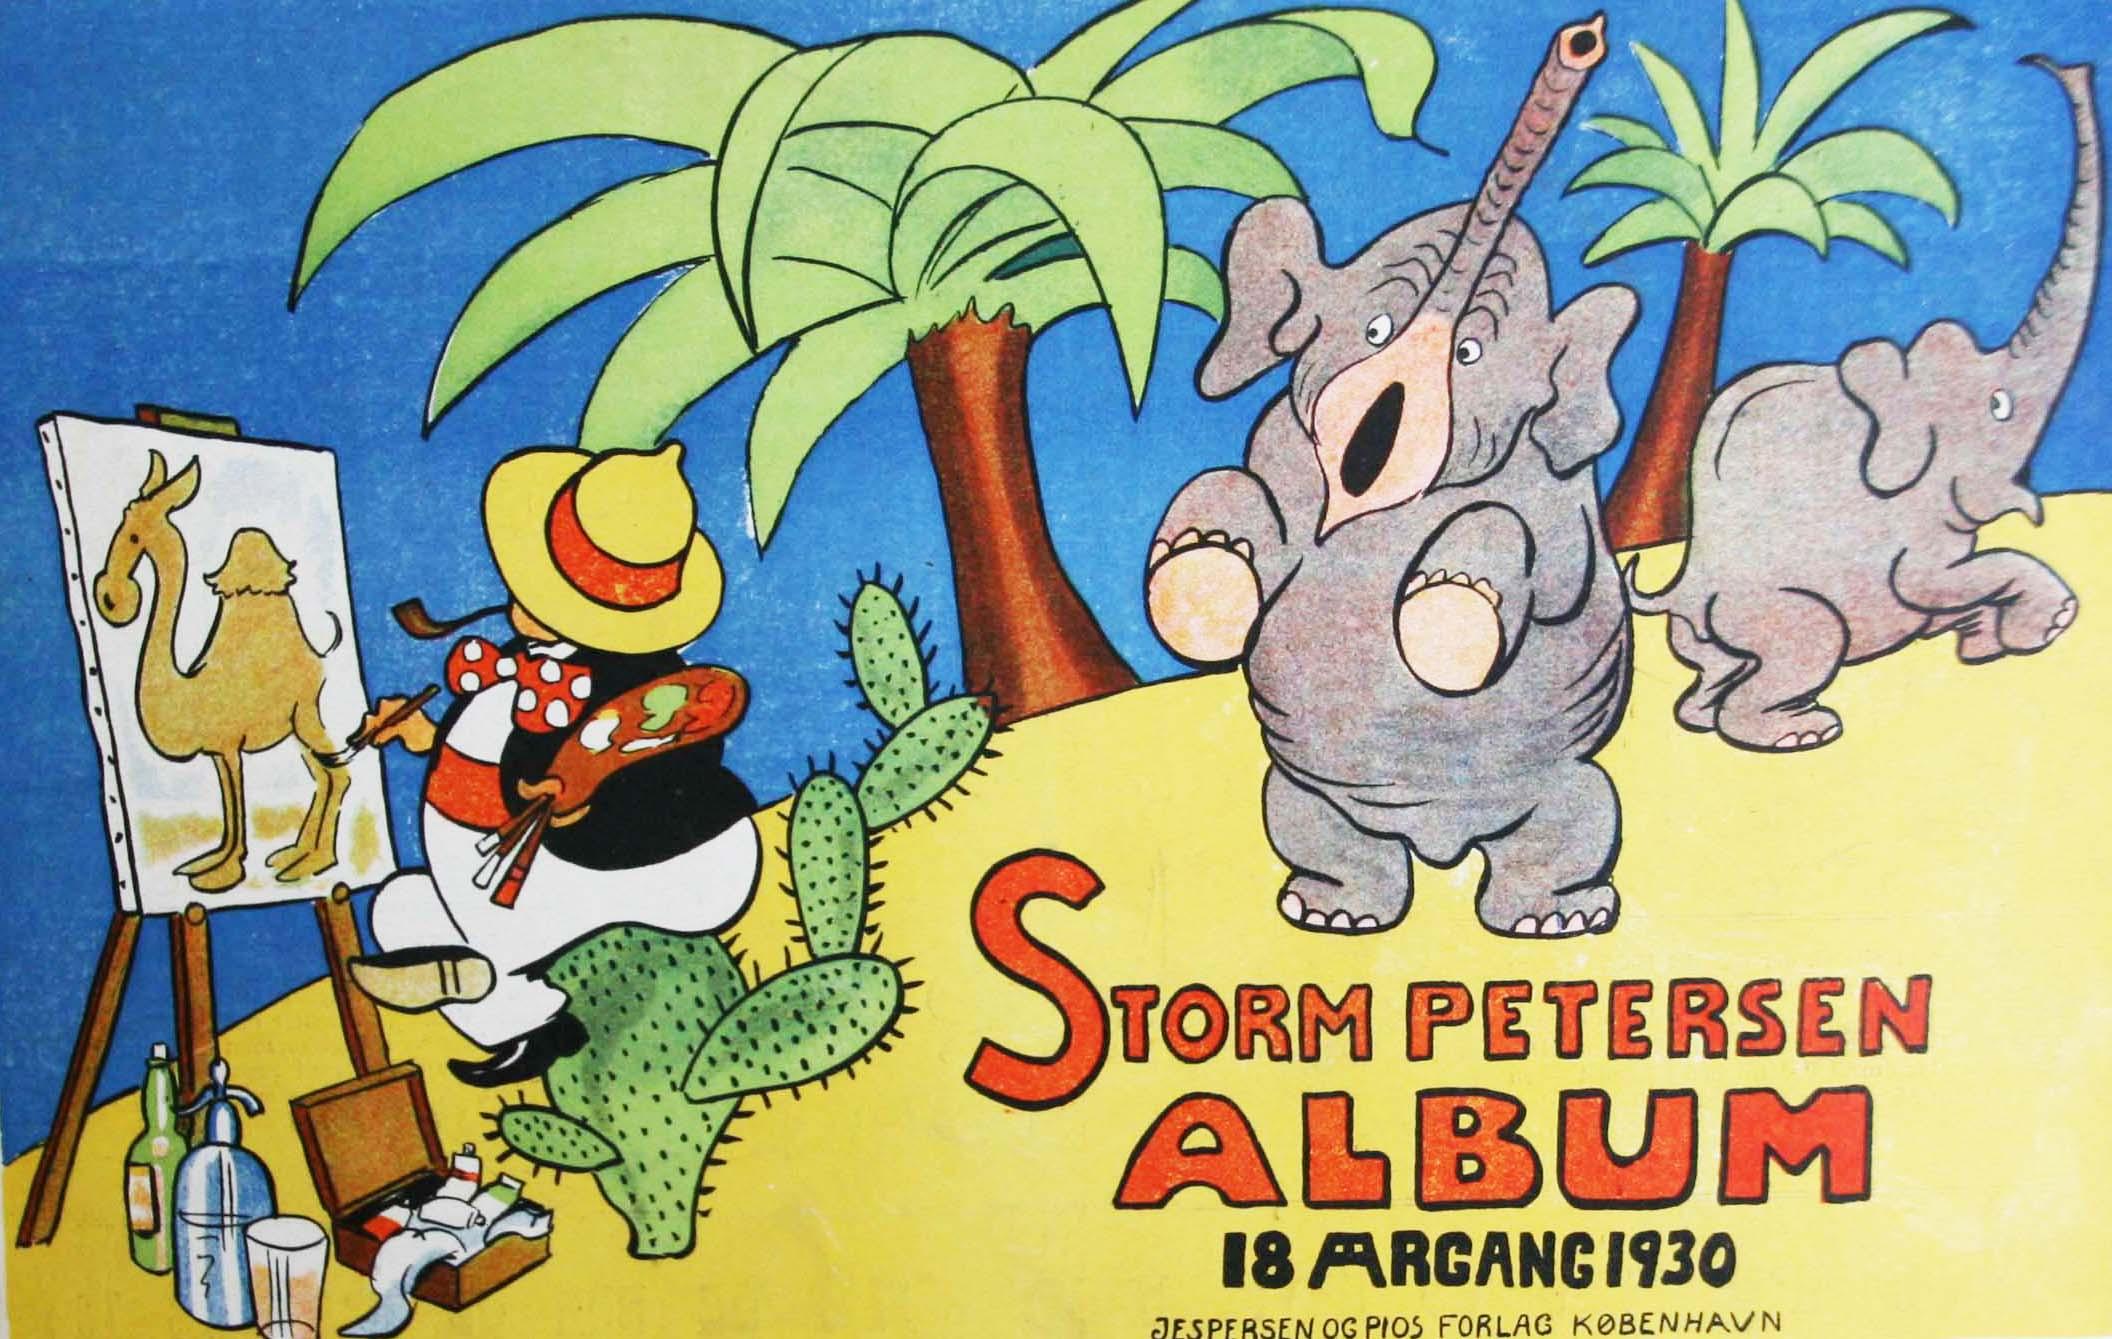 Robert Storm Petersen Storm P. Album 1930